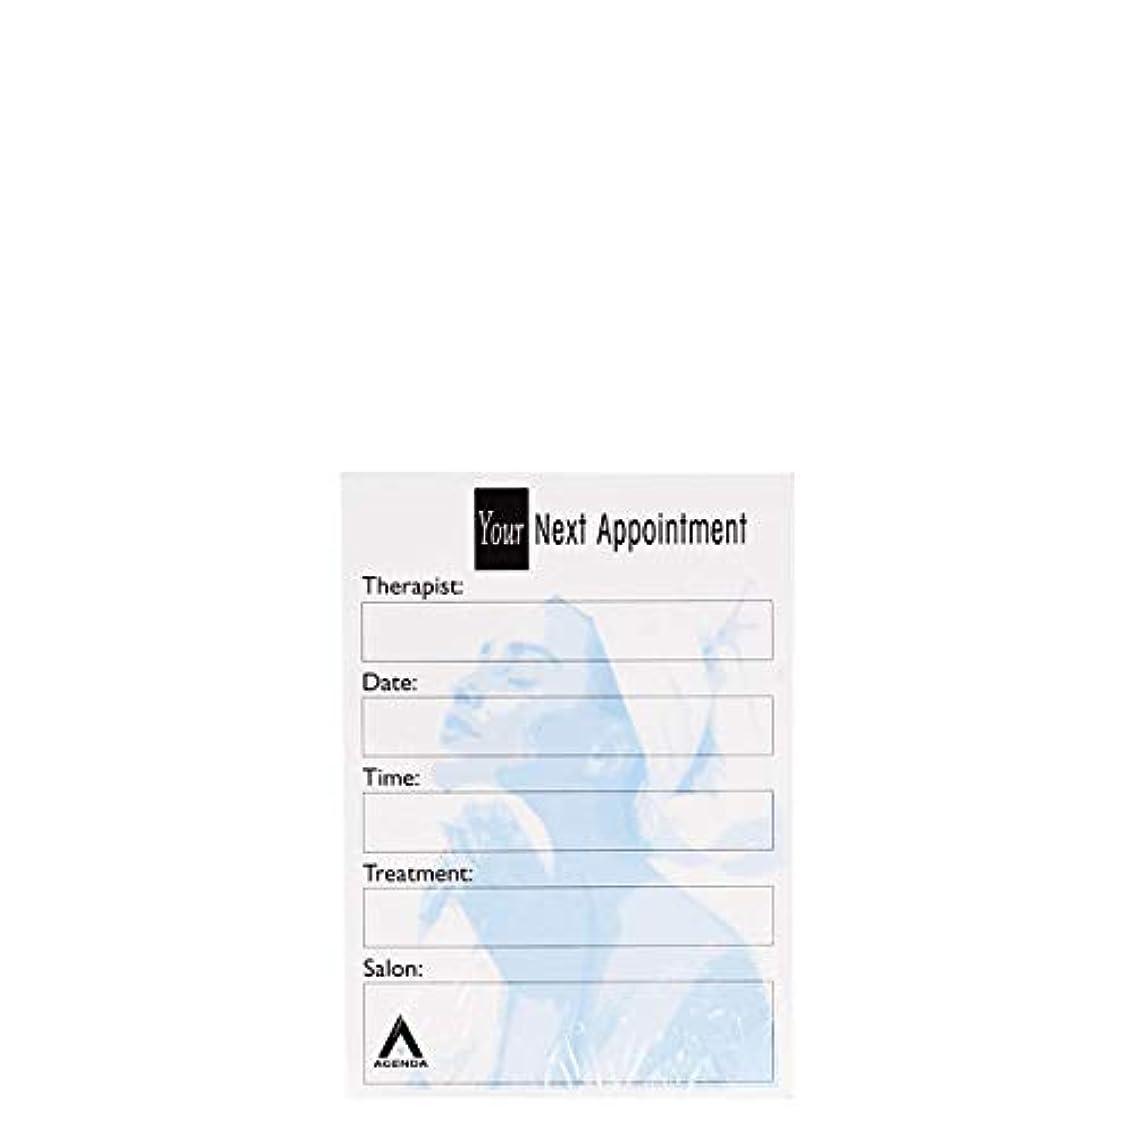 ストラップ部分責めるアジェンダ サロンコンセプト ネイルアポイントメントカードAP7B x100[海外直送品] [並行輸入品]